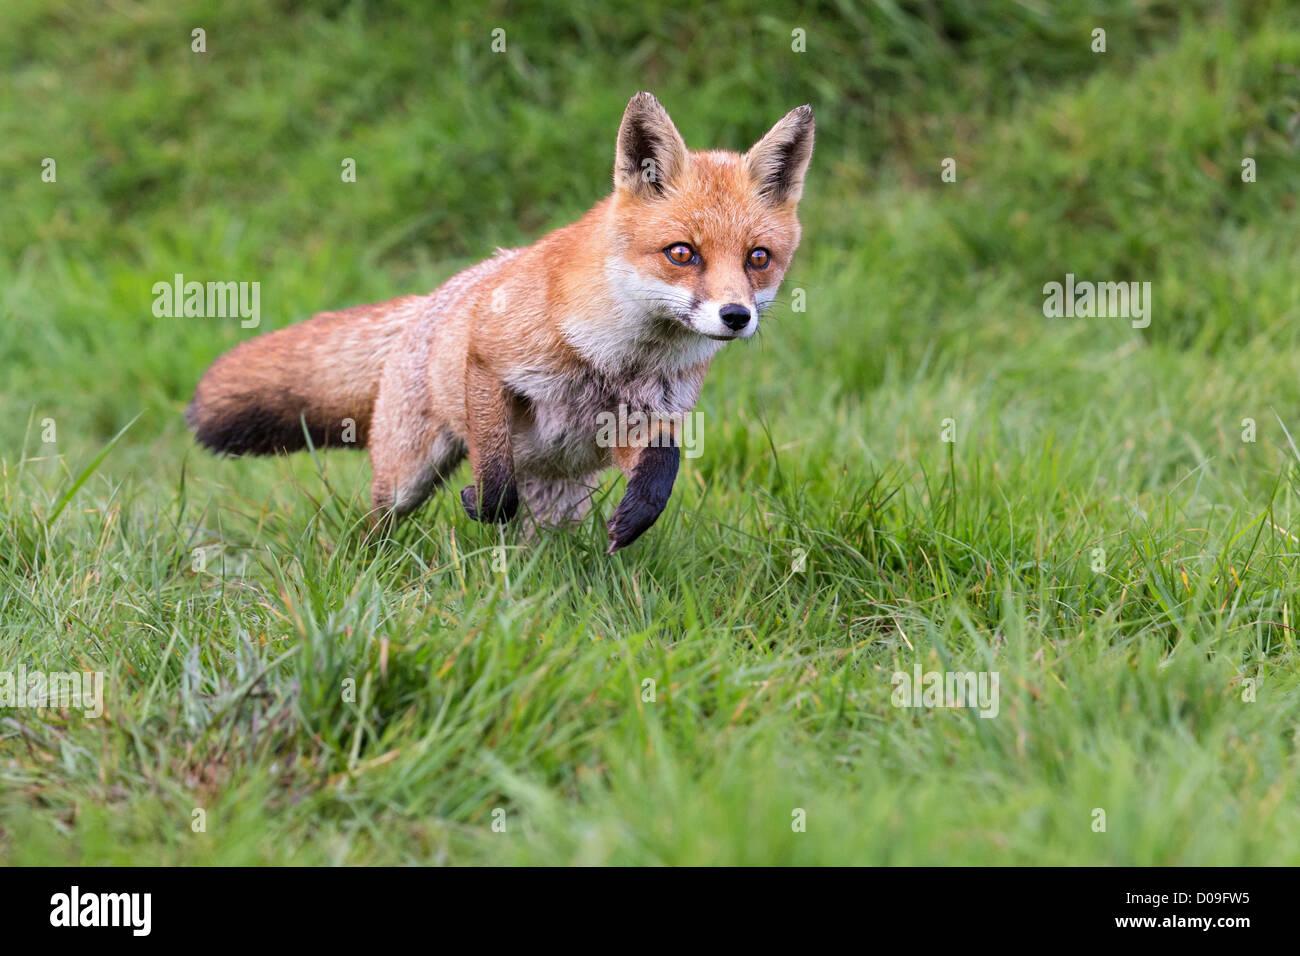 Fox running across a grassy field - Stock Image